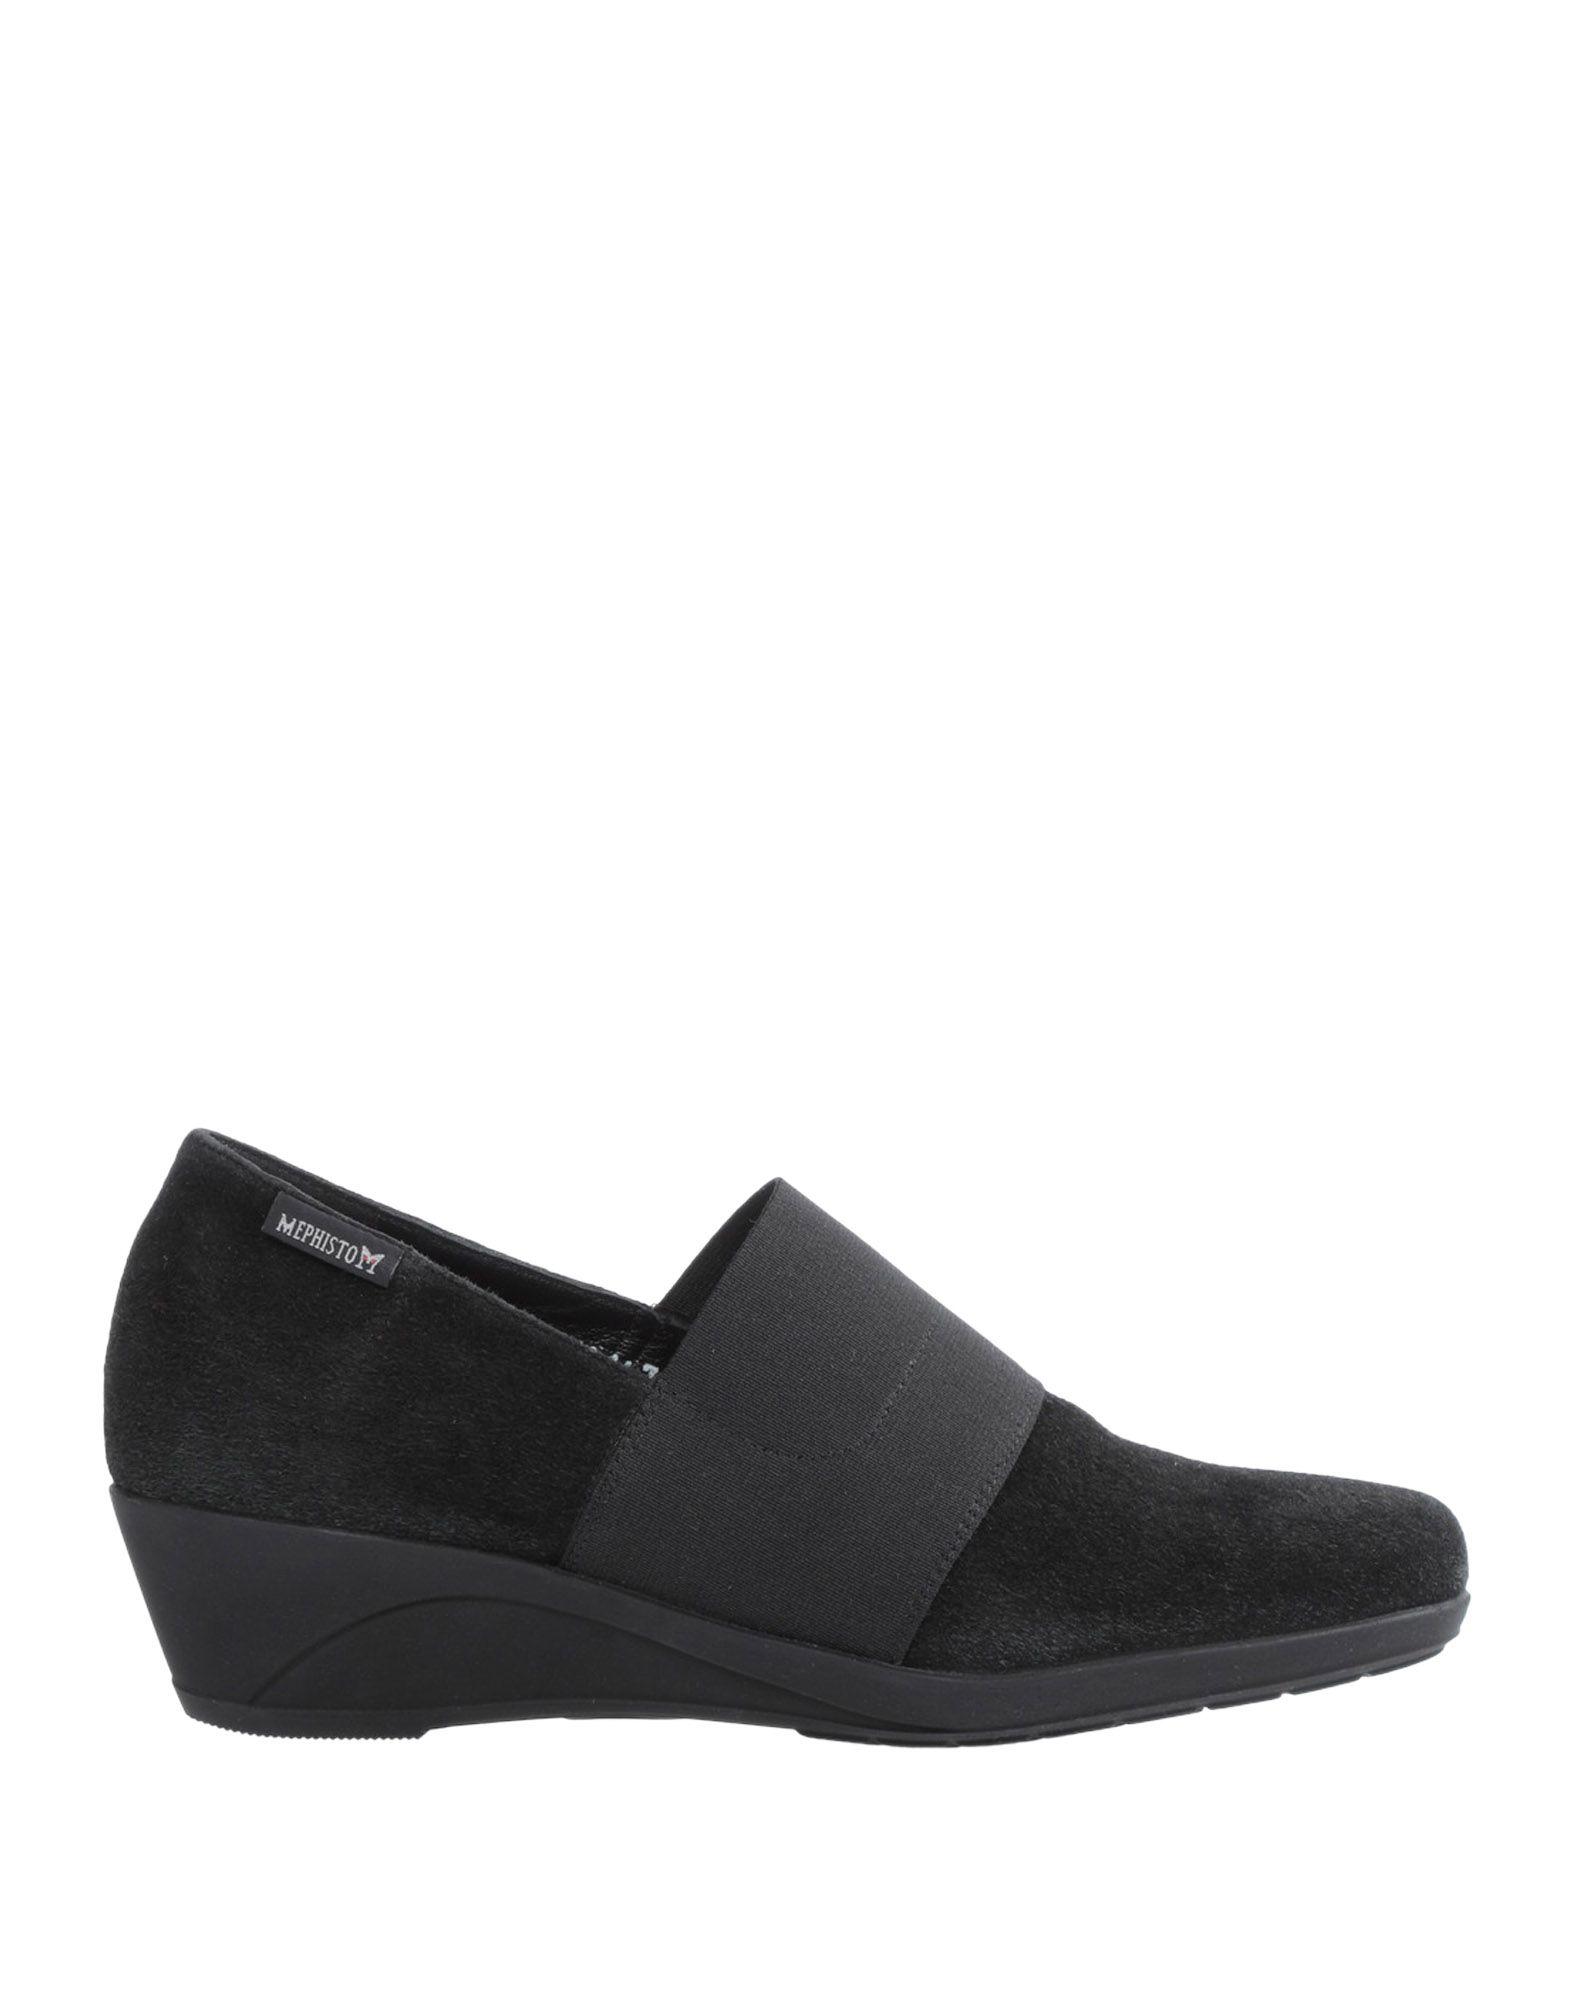 Mephisto Mokassins Damen  11519146OR Gute Qualität beliebte Schuhe